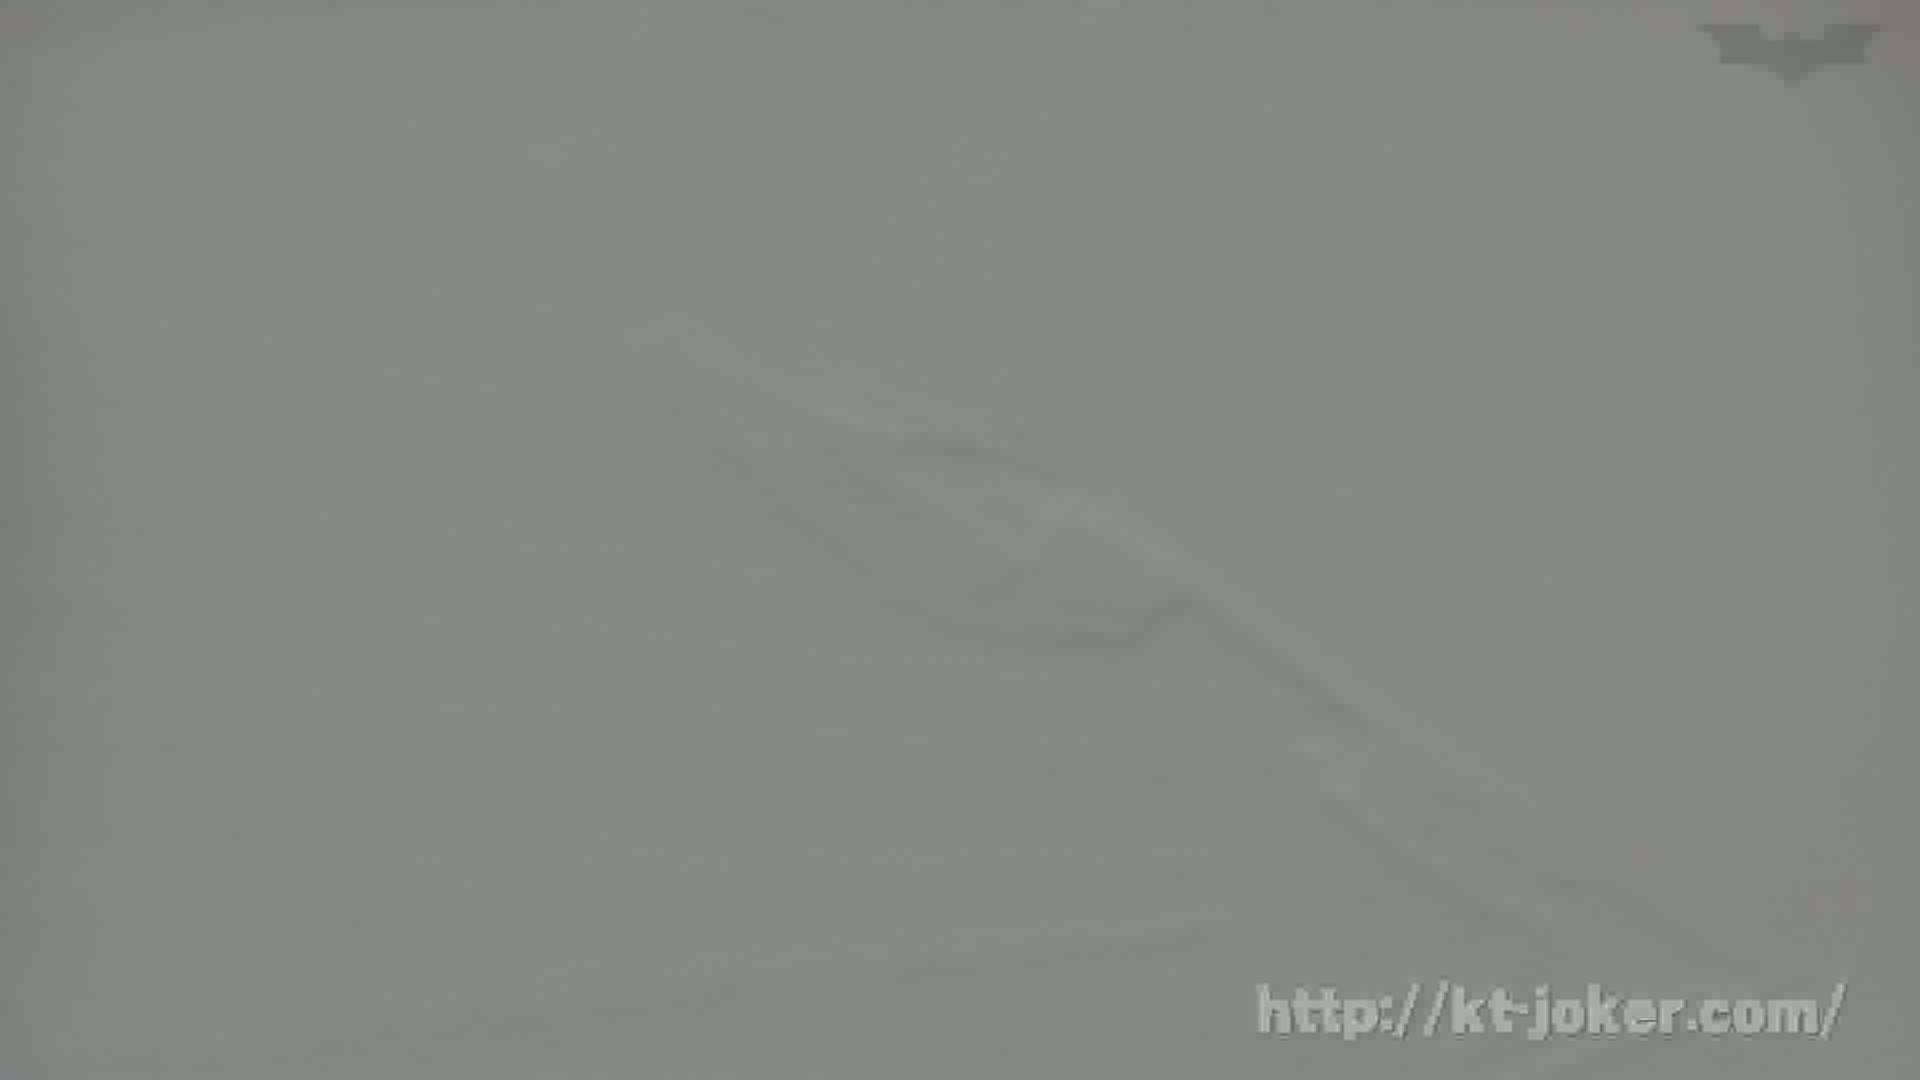 命がけ潜伏洗面所! vol.69 あのかわいい子がついフロント撮り実演 洗面所突入 アダルト動画キャプチャ 71pic 50